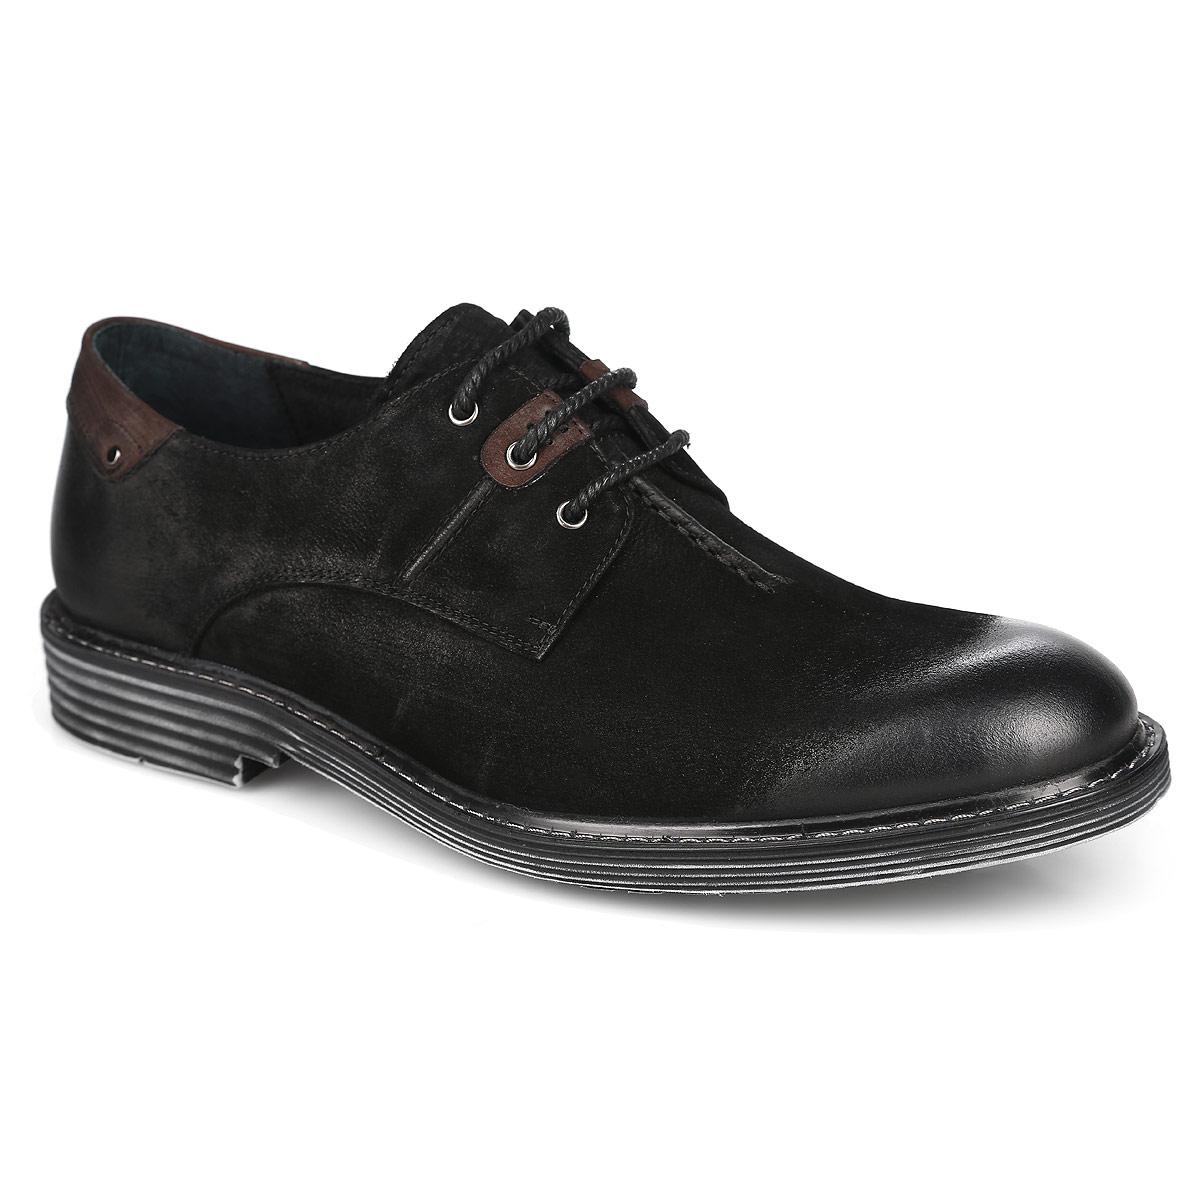 Туфли мужские. 104-165-24104-165-24Модные мужские туфли от Dino Ricci покорят вас своим удобством. Модель выполнена из натурального нубука. Стелька, выполненная из натуральной кожи, обеспечивает комфорт при ходьбе. Шнуровка позволяет надежно фиксировать модель на ноге. Подошва и каблук дополнены противоскользящим рифлением. Вдоль ранта подошва оформлена прострочкой. Эффект потертости подошвы придает изделию изюминку. Стильные туфли прекрасно впишутся в ваш гардероб.